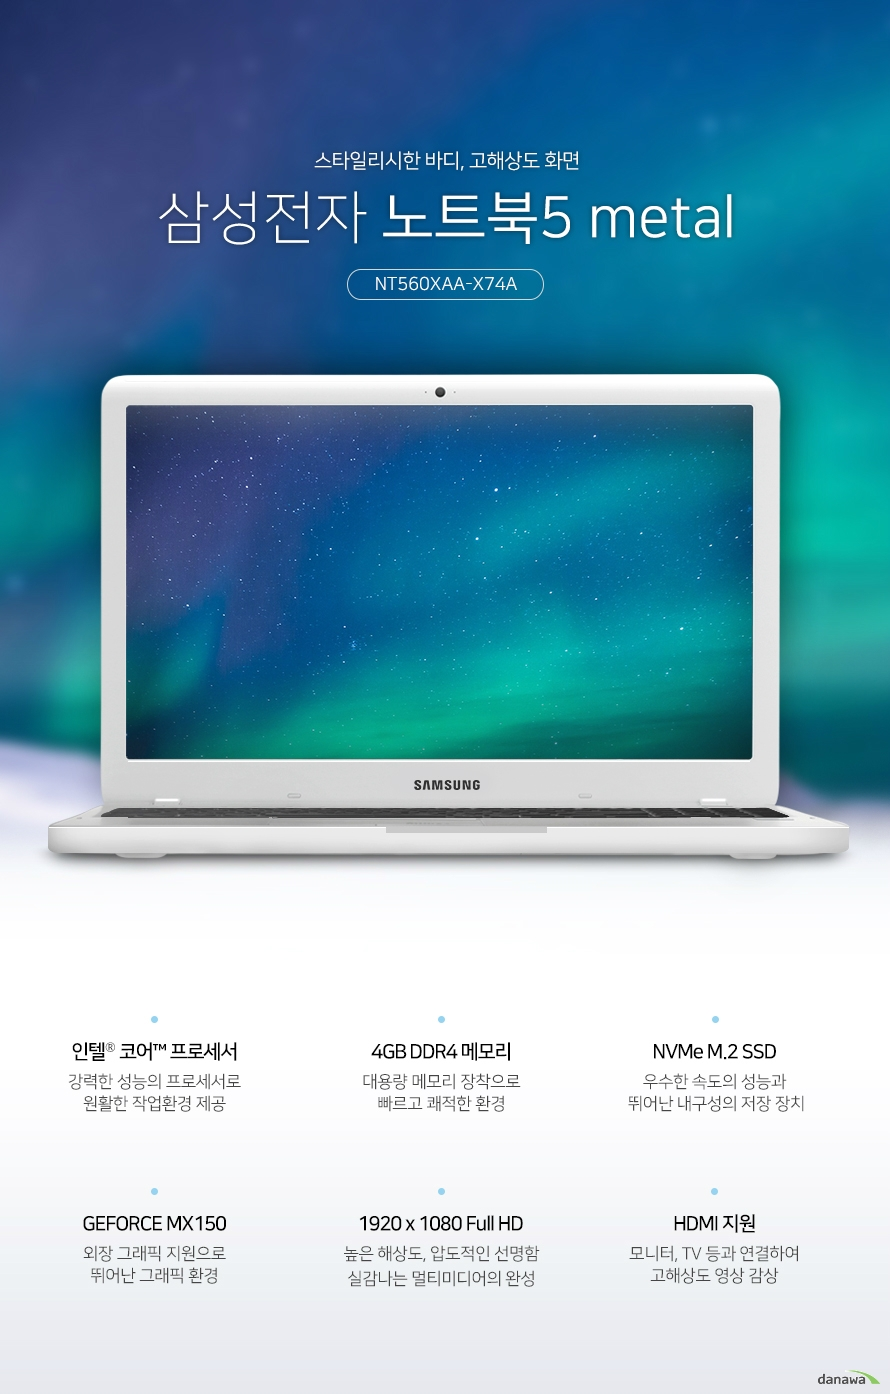 스타일리시한 바디, 고해상도 화면 삼성전자 노트북5 메탈 NT560XAA-X74A 인텔 코어 프로세서 강력한 성능의 프로세서로 원활한 작업환경 제공 4GB DDR4 메모리 대용량 메모리 장착으로 빠르고 쾌적한 환경 NVMe M.2 SSD 안정적인 성능과 뛰어난 내구성의 저장 장치 지포스 MX150 외장 그래픽 지원으로 뛰어난 그래픽 환경 1920x1080 Full HD 높은 해상도, 압도적인 선명함 실감나는 멀티미디어의 완성 HDMI 지원 모니터, TV등과 연결하여 고해상도 영상 감상 내구성까지 뛰어난 스타일리시한 메탈바디 가볍고 슬림한 디자인으로 간편하게 휴대하며 사용할 수 있으며, 견고한 메탈바디로 내구성이 뛰어나 어디에서나 안심하고 사용할 수 있습니다. 놀랍도록 선명한, 풍부한 색감과 실감나는 화면 넓은 화면 크기와 높은 해상도로 실감나는 영상을 즐기세요. 뛰어난 화면 퀄리티로 경험해보지 못한 새로운 화면을 선사합니다. 1920x1080 Full HD 풀HD 디스플레이 1920x1080 고해상도의 섬세하고 사실적인 표현으로 게임과 영화 등 멀티미디어에서 실감나는 영상과 이미지를 경험할 수 있습니다. 엔비디아 지포스 MX150 내장 그래픽과는 차원이 다른 프리미엄 그래픽을 경험할 수 있습니다. 고화질 HD 영상부터 3D 게임까지 뛰어난 그래픽 성능을 자랑합니다. 뛰어난 성능의 CPU 인텔코어프로세서 인텔 프로세서는 이전 세대에 비해 더욱 빨라진 시스템 성능과 부드러워진 스트리밍 환경, 풍부한 텍스처와 생생한 그래픽의 HD 화면을 제공합니다. DDR4 4GB RAM 더욱 향상된 성능, 4GB RAM 넉넉한 용량의 RAM 메모리로 빠른 환경을 구축하여 더욱 향상된 성능을 경험할 수 있습니다. 256GB SSD 사양 업그레이드, 효율적인 저장공간 대용량의 NVMe M.2 SSD 스토리지를 지원해 빠른 속도와 넉넉한 저장공간으로 효율을 높여드립니다. 고해상도 영상을 대형화면으로 즐기세요 HDMI 포트를 기본으로 장착하여 1080p Full HD 영상과 HD고음질 사운드를 지원합니다. 다양한 영상기기와 연결하여 대형화면으로 즐길 수 있습니다. 편리하고 정확한 조작감 치클릿 키보드 키와 키 사이에 간격이 있는 치클릿 키보드를 장착하여 오타가 적고 정확한 타이핑을 할 수 있습니다. 뛰어난 키감으로 사용감이 좋습니다. 숫자 키패드가 포함된 풀사이즈 키보드 풀사이즈 키보드는 숫자 키패드를 포함하고 있습니다. 기존에 데스크탑 키배열을 그대로 옮겨와, 더욱 편리하게 사용할 수 있습니다. 스펙 CPU 8세대 인텔 코어 i7-8550U 기본 1.8GHz, 터보 4GHz, 8MB, TDP 15W 운영체제 윈도우10 메모리 4GB DDR4 (온보드 4GBx1) 저장 장치 NVMe M.2 SSD 256GB (HDD 추가슬롯x1) ODD 없음 LCD 크기 39.62cm LCD 종류 LED 백라이트 LCD, 광시야각, 눈부심 방지 해상도 1920 x 1080 (16:9 풀HD) 그래픽 엔비디아 지포스 MX150 그래픽 전용 메모리 2GB LAN 유선 있음 무선 802.11ac 블루투스 블루투스 지원 입출력단자 USB 3.0 2개, USB 2.0 1개, HDMI, 오디오 카메라 있음 크기 377.4x248.6x19.6mm 무게 1.97kg KC인증 R-REM-SEC-NT550XAA